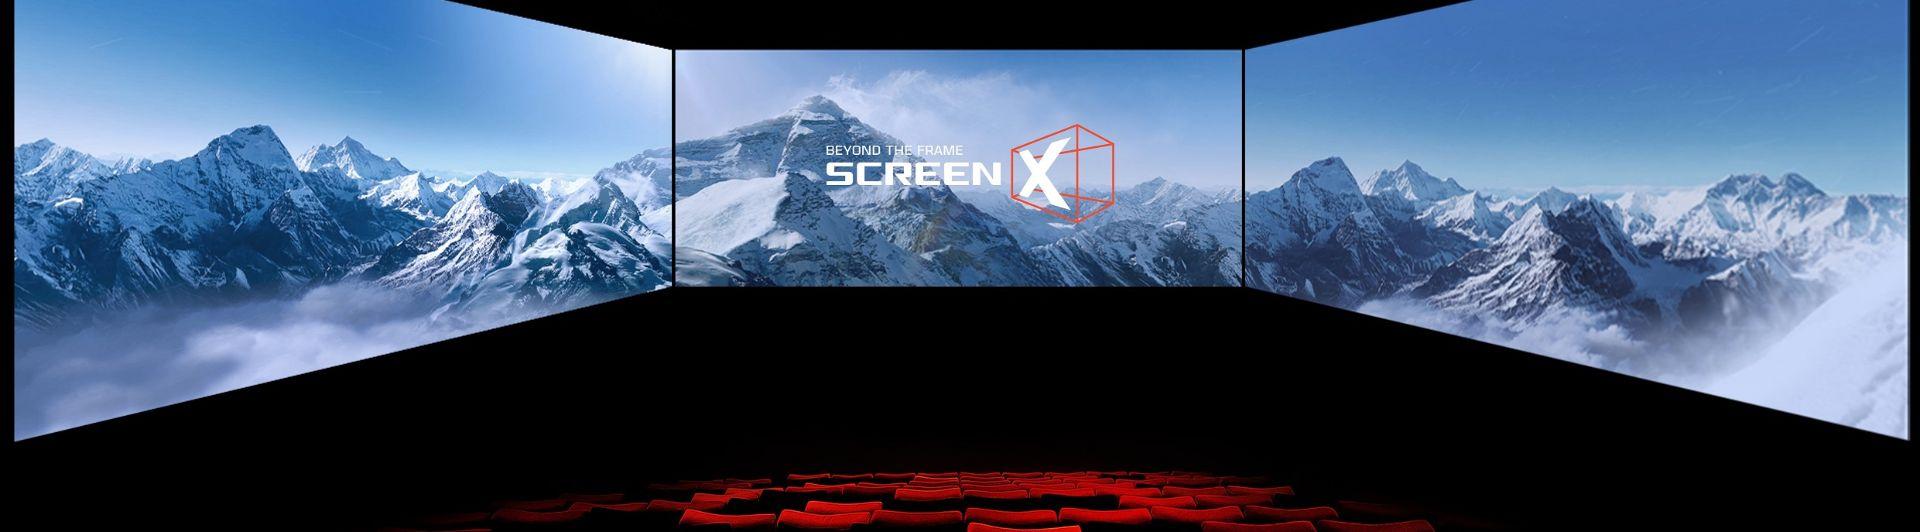 himalaya-in-screenx.jpg